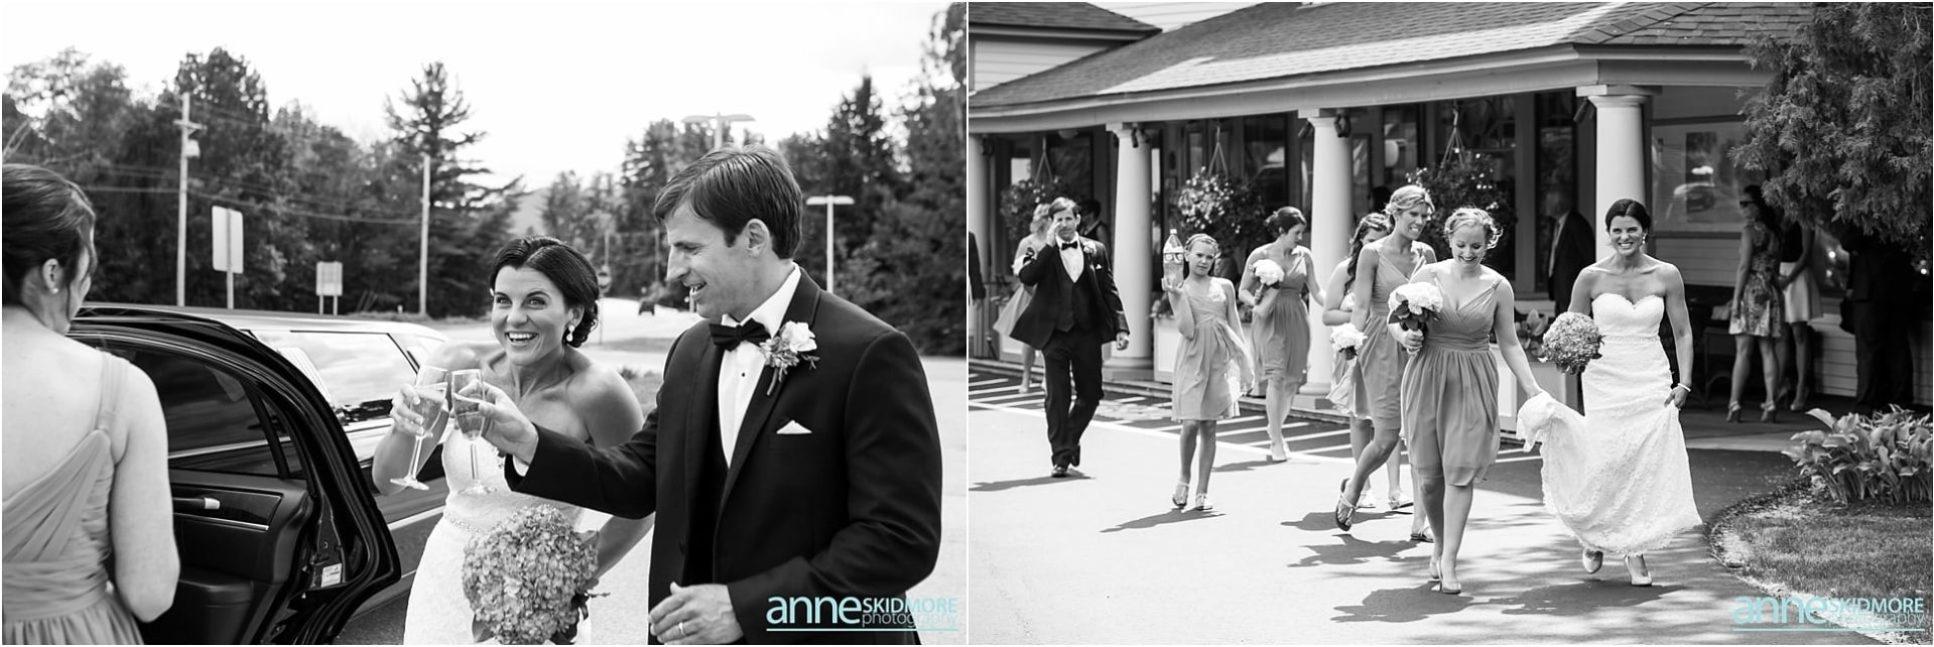 Wentworth_Inn_Wedding_0033